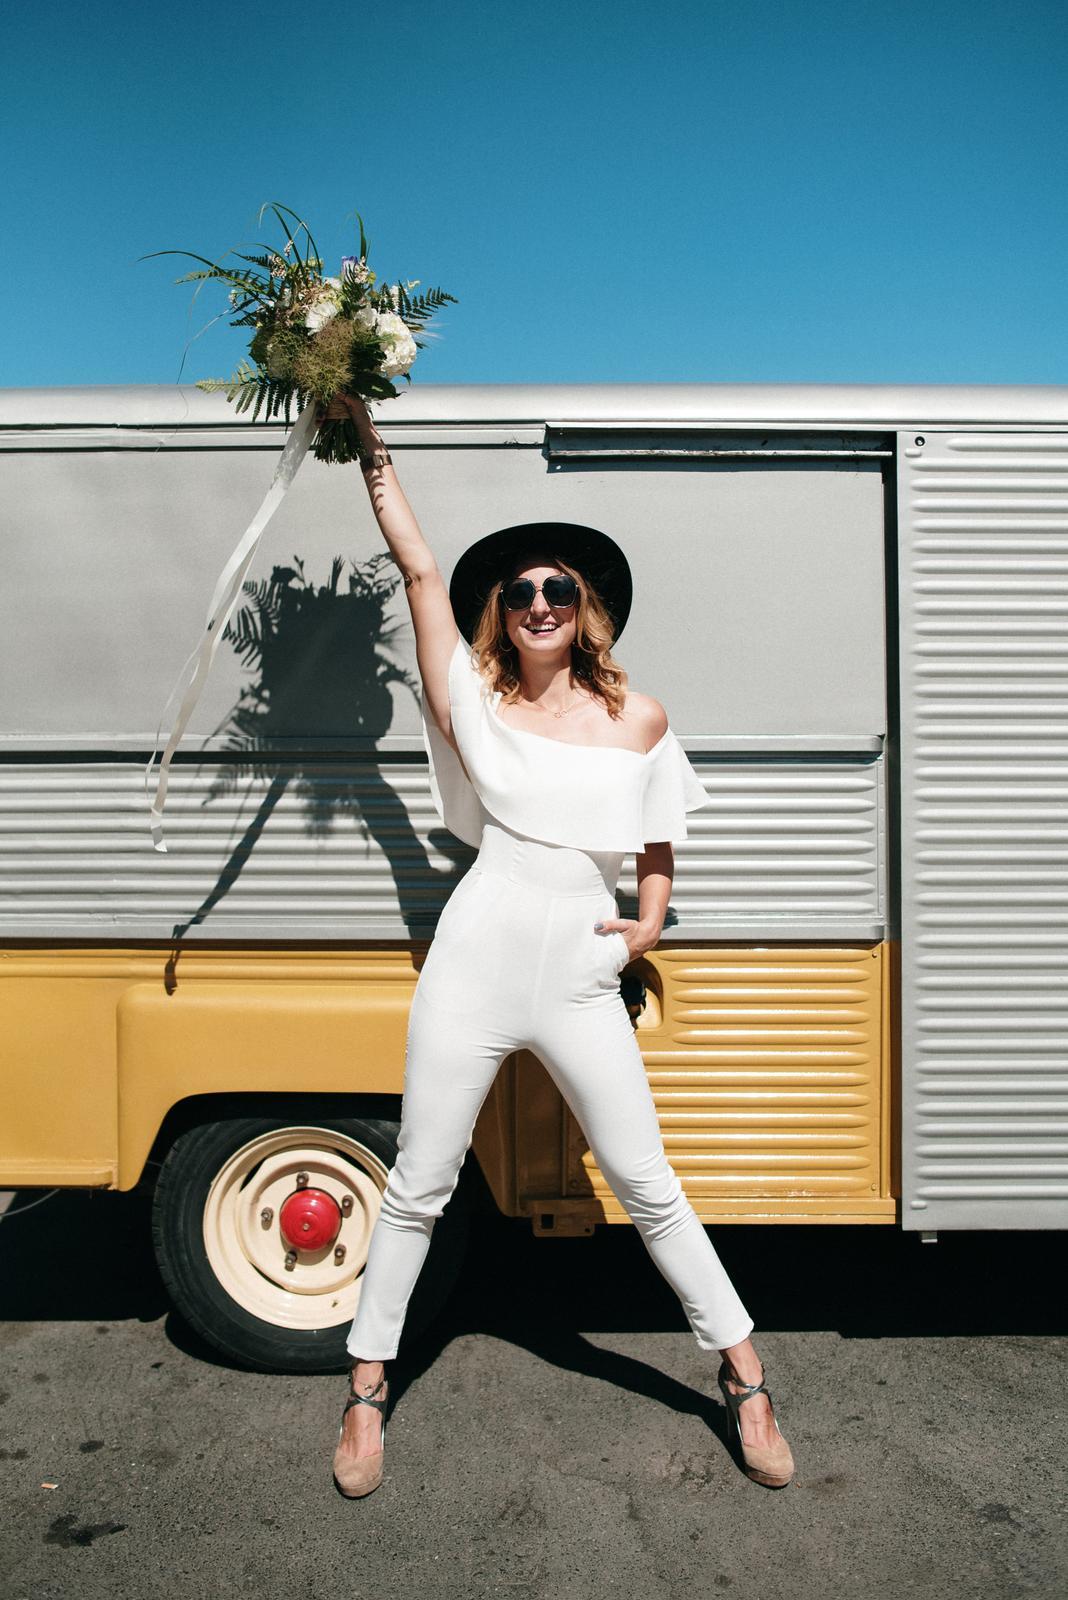 Svatební šaty nemusí být šaty ani svatební - Šat:y Férovky, kytice: Kytky od potoka, klobouk Tonak, na fotce Martina z Wedding Factory